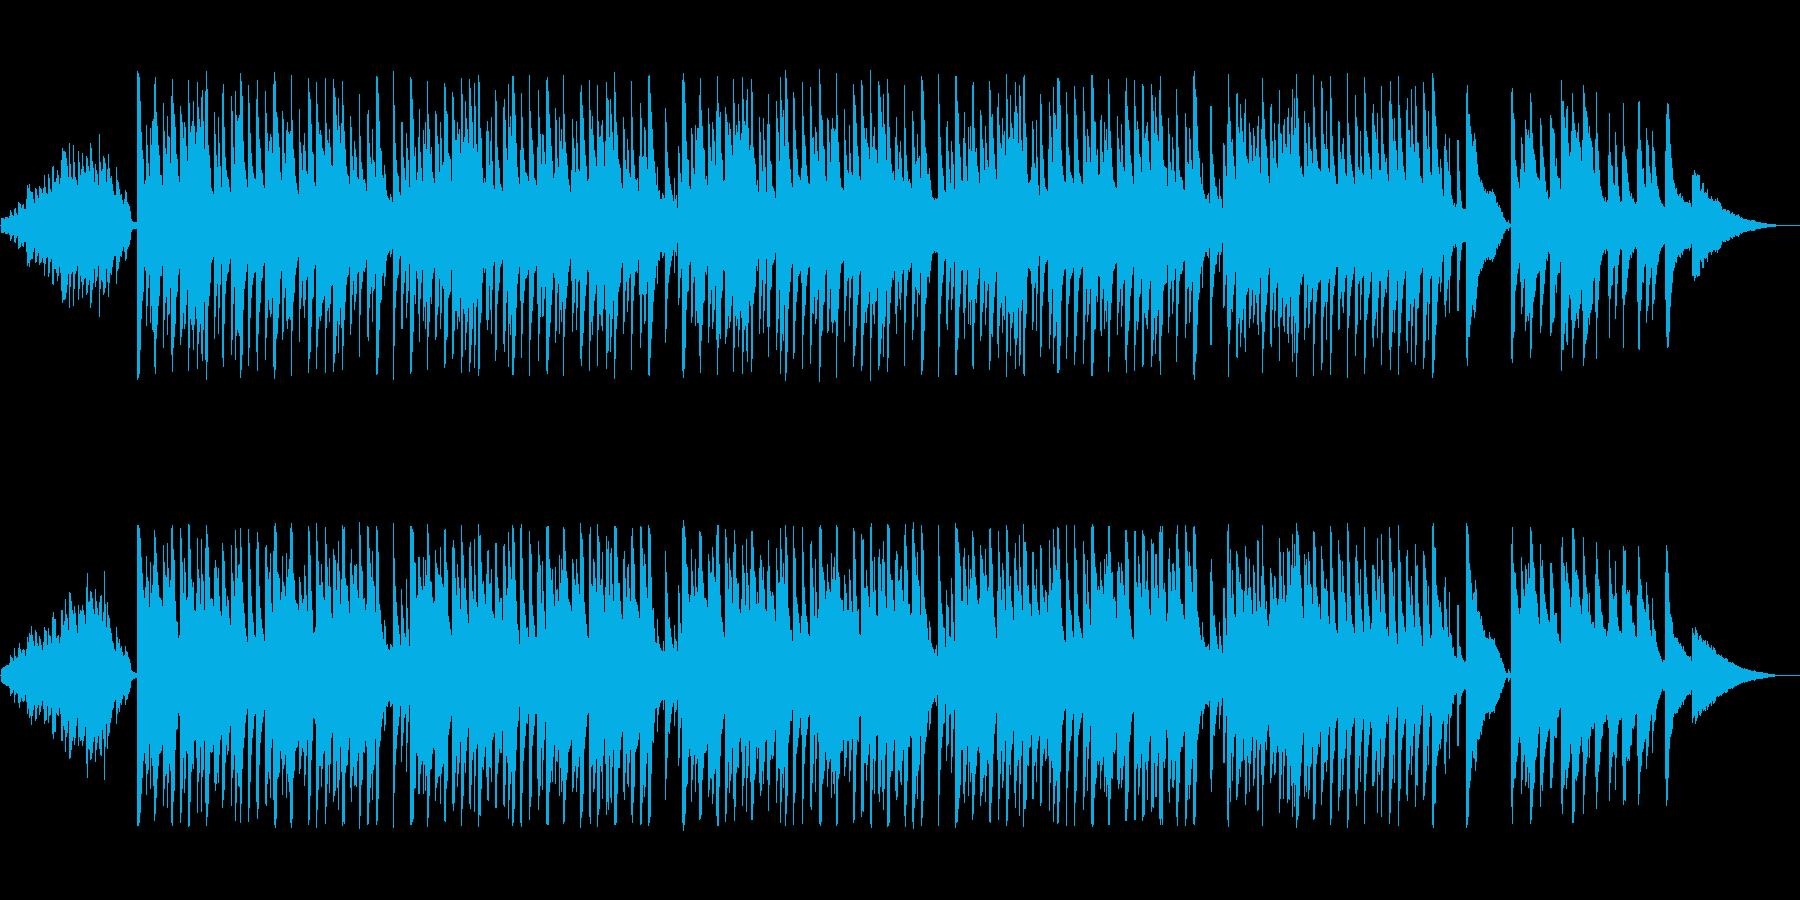 憂鬱で淡々としたジャズ風ポップスの再生済みの波形